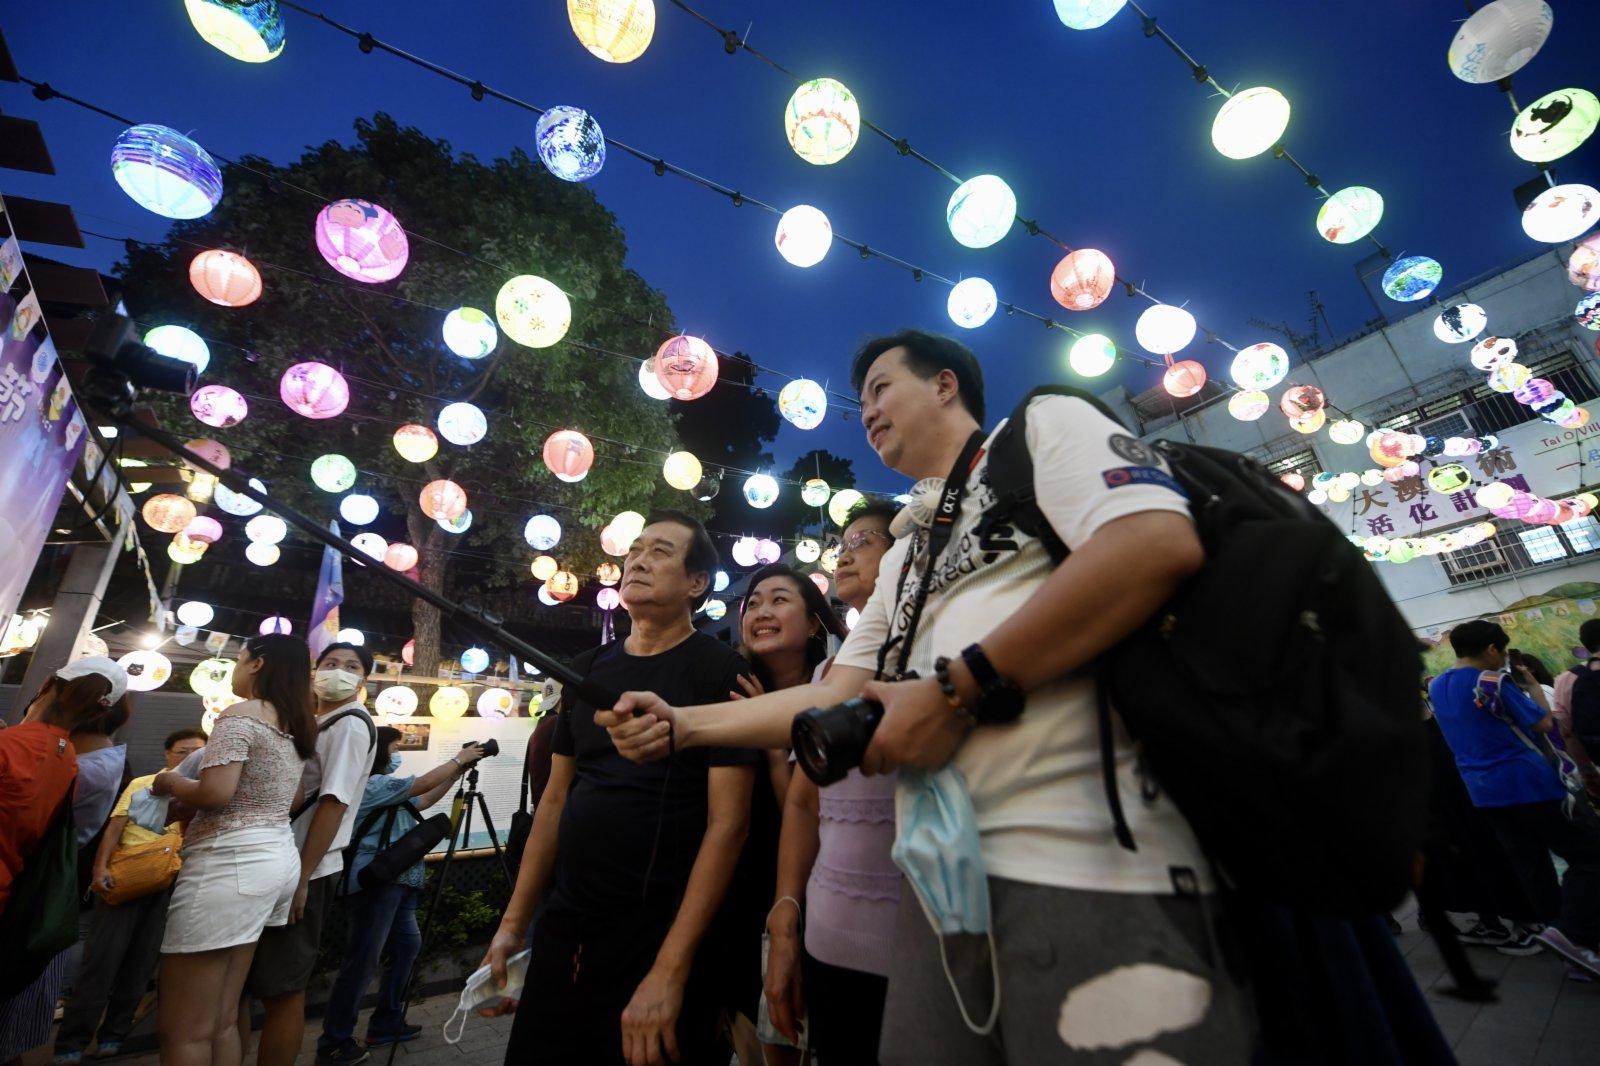 圖為香港市民于特色燈籠下合影。